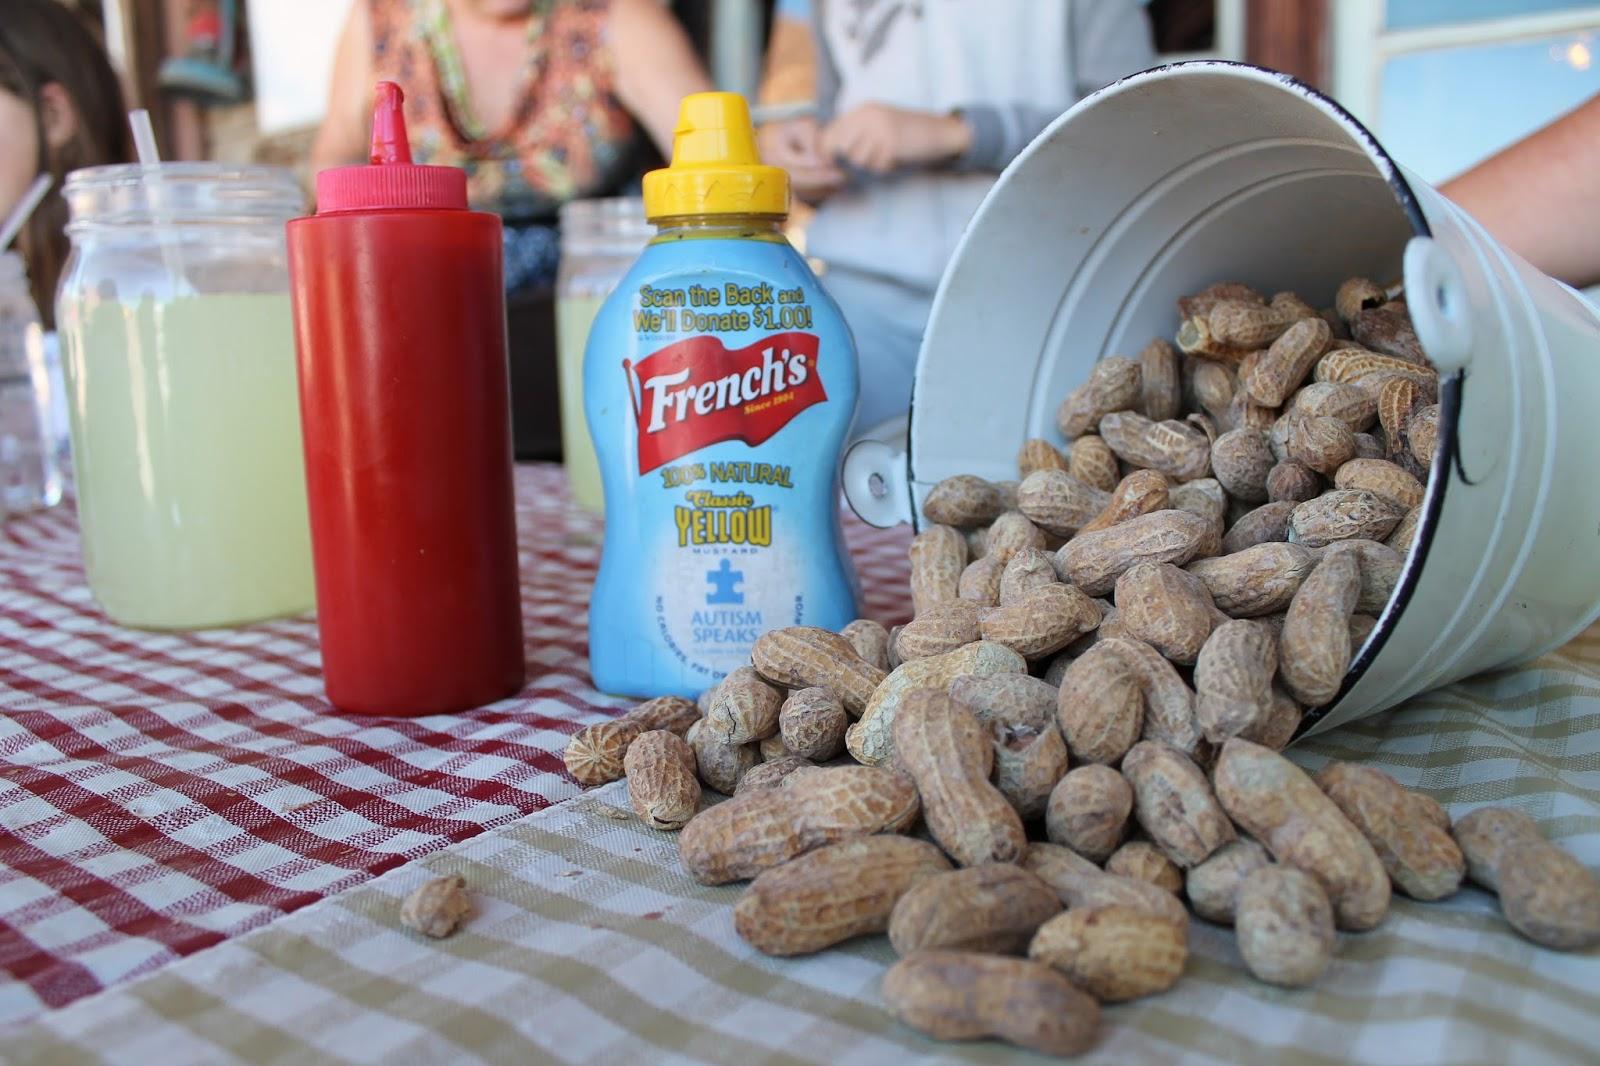 USA états unis amérique vacance transat roadtrip ouest américain calico cacahuètes